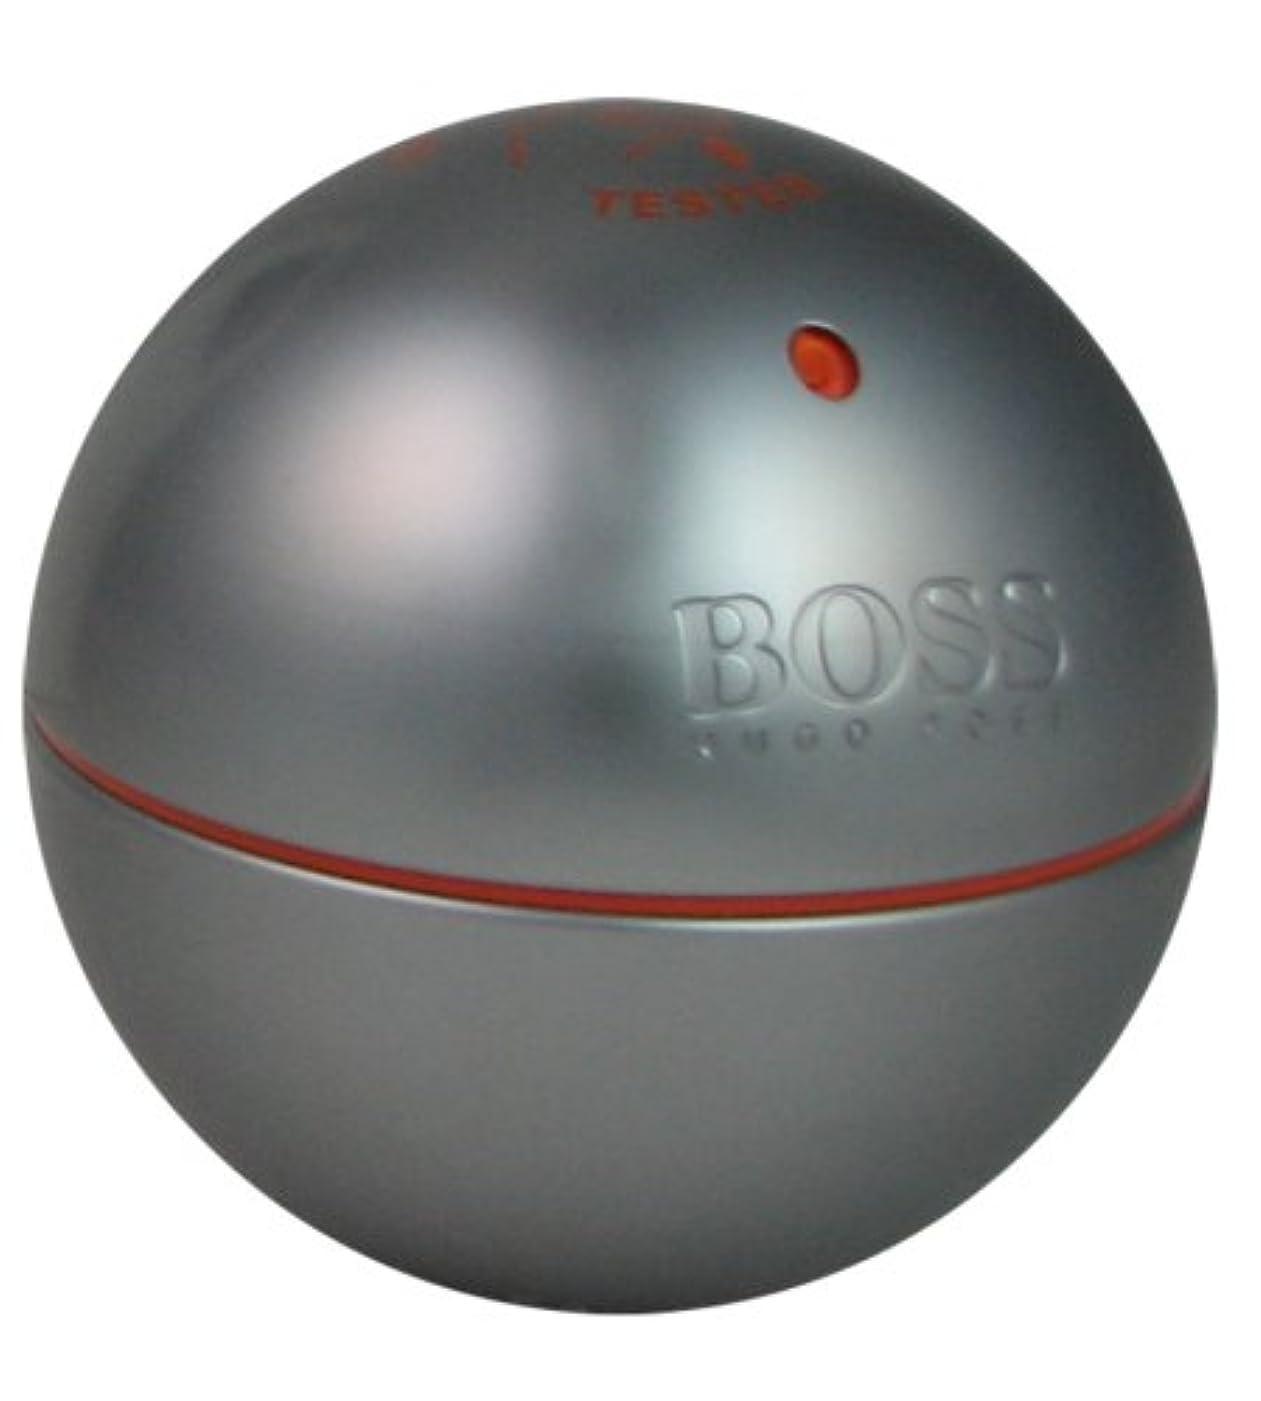 パニック寛大な実験室ヒューゴ ボス HUGO BOSS ボス インモーション 90ml EDT テスター fs